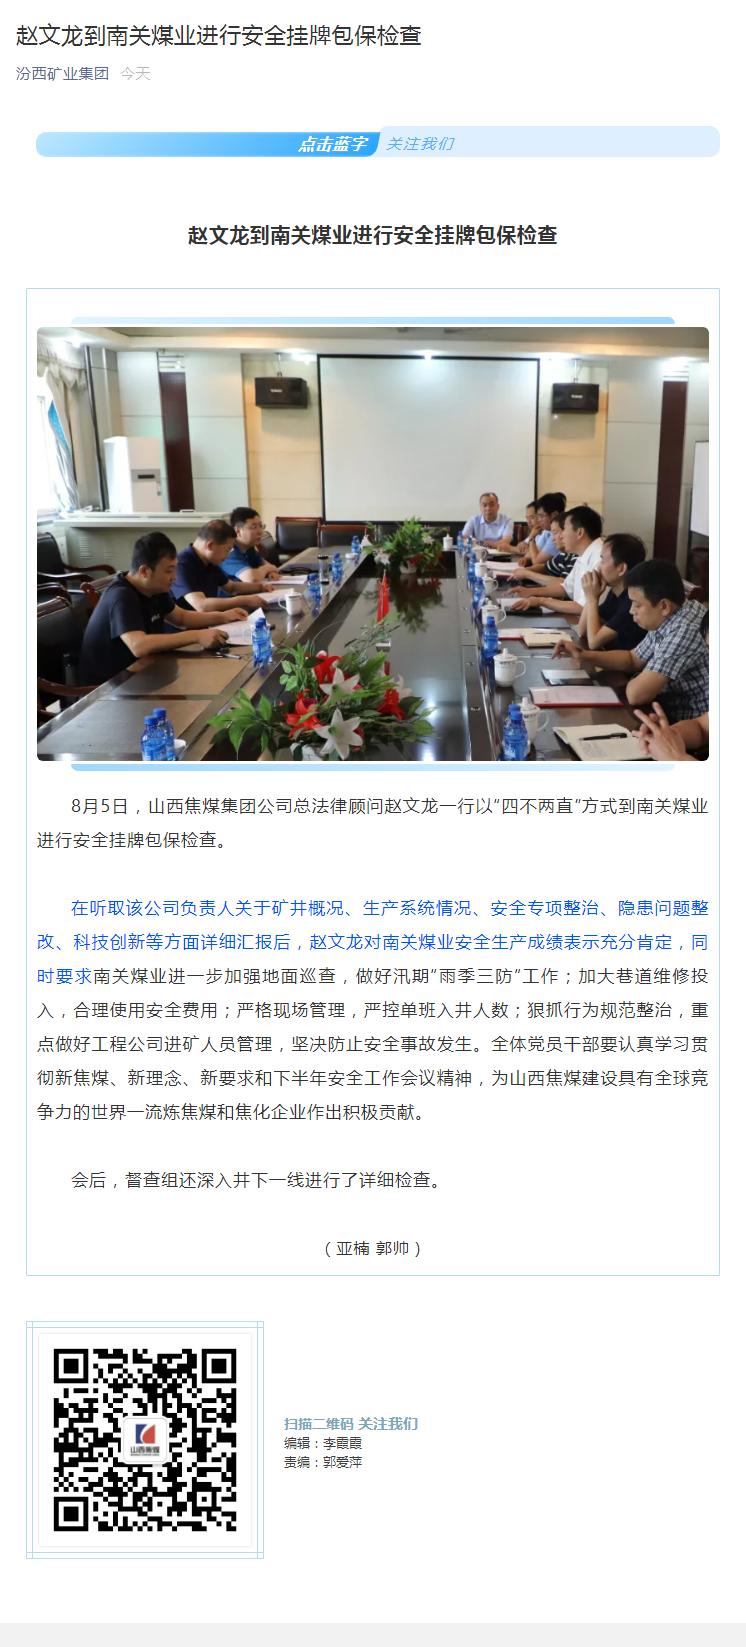 赵文龙到南关煤业进行安全挂牌包保检查_.png